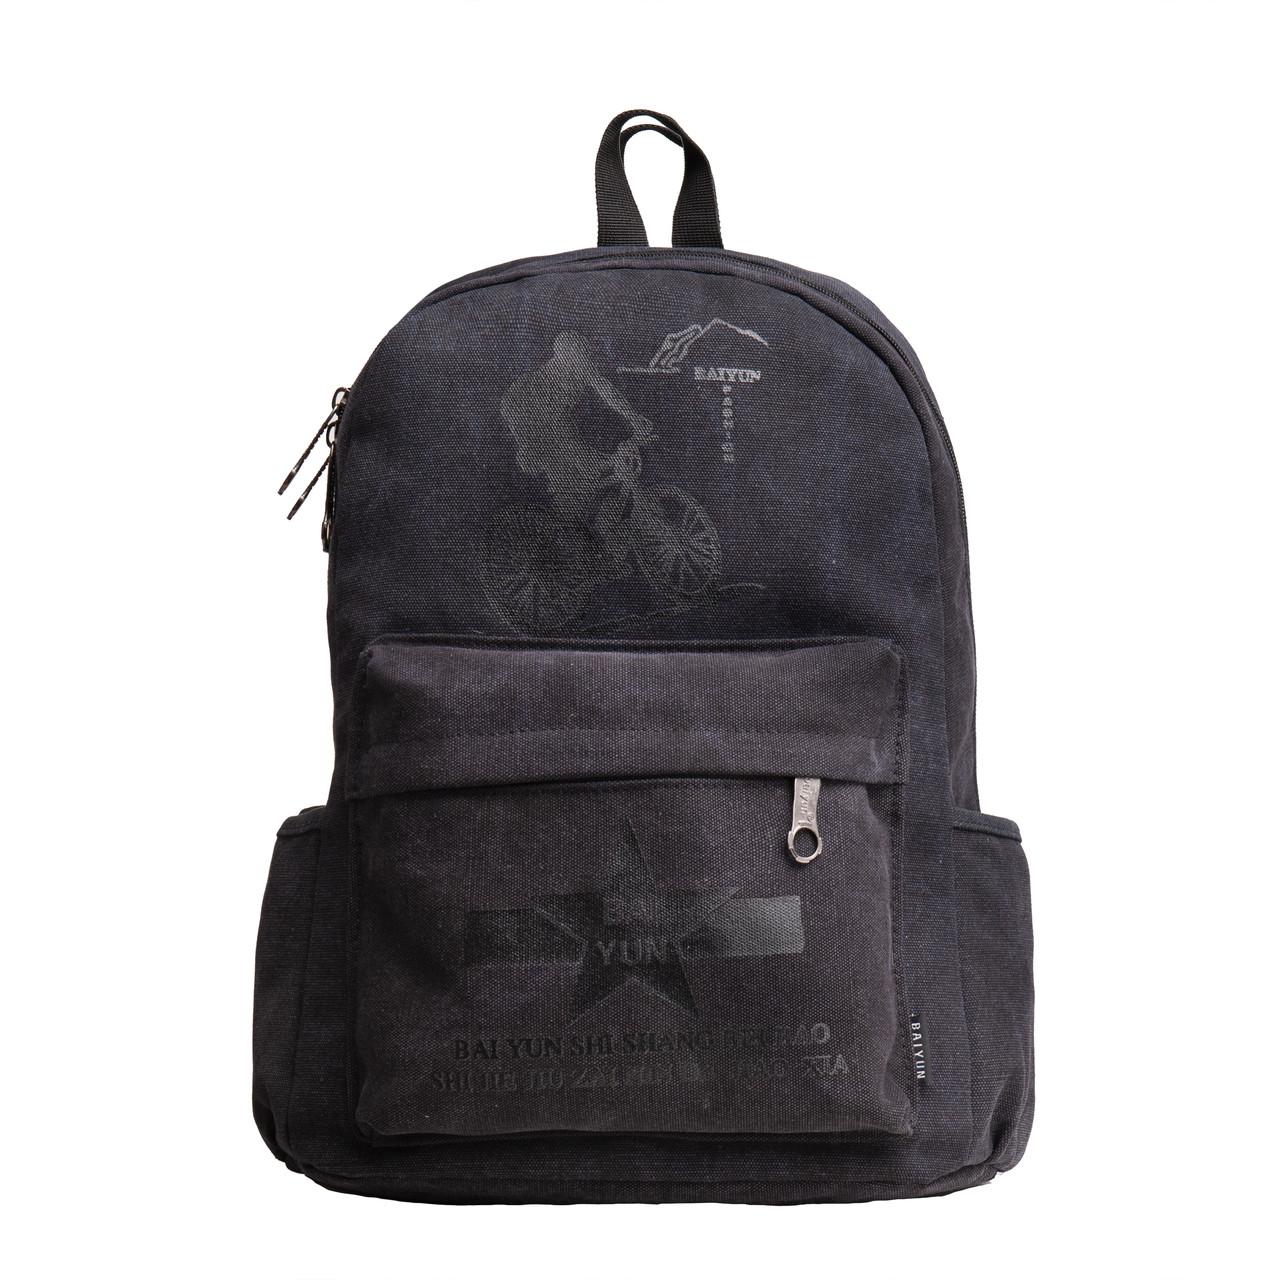 Рюкзак BAIYUN молодёжный 43х31x17 брезент ксВУ135ч